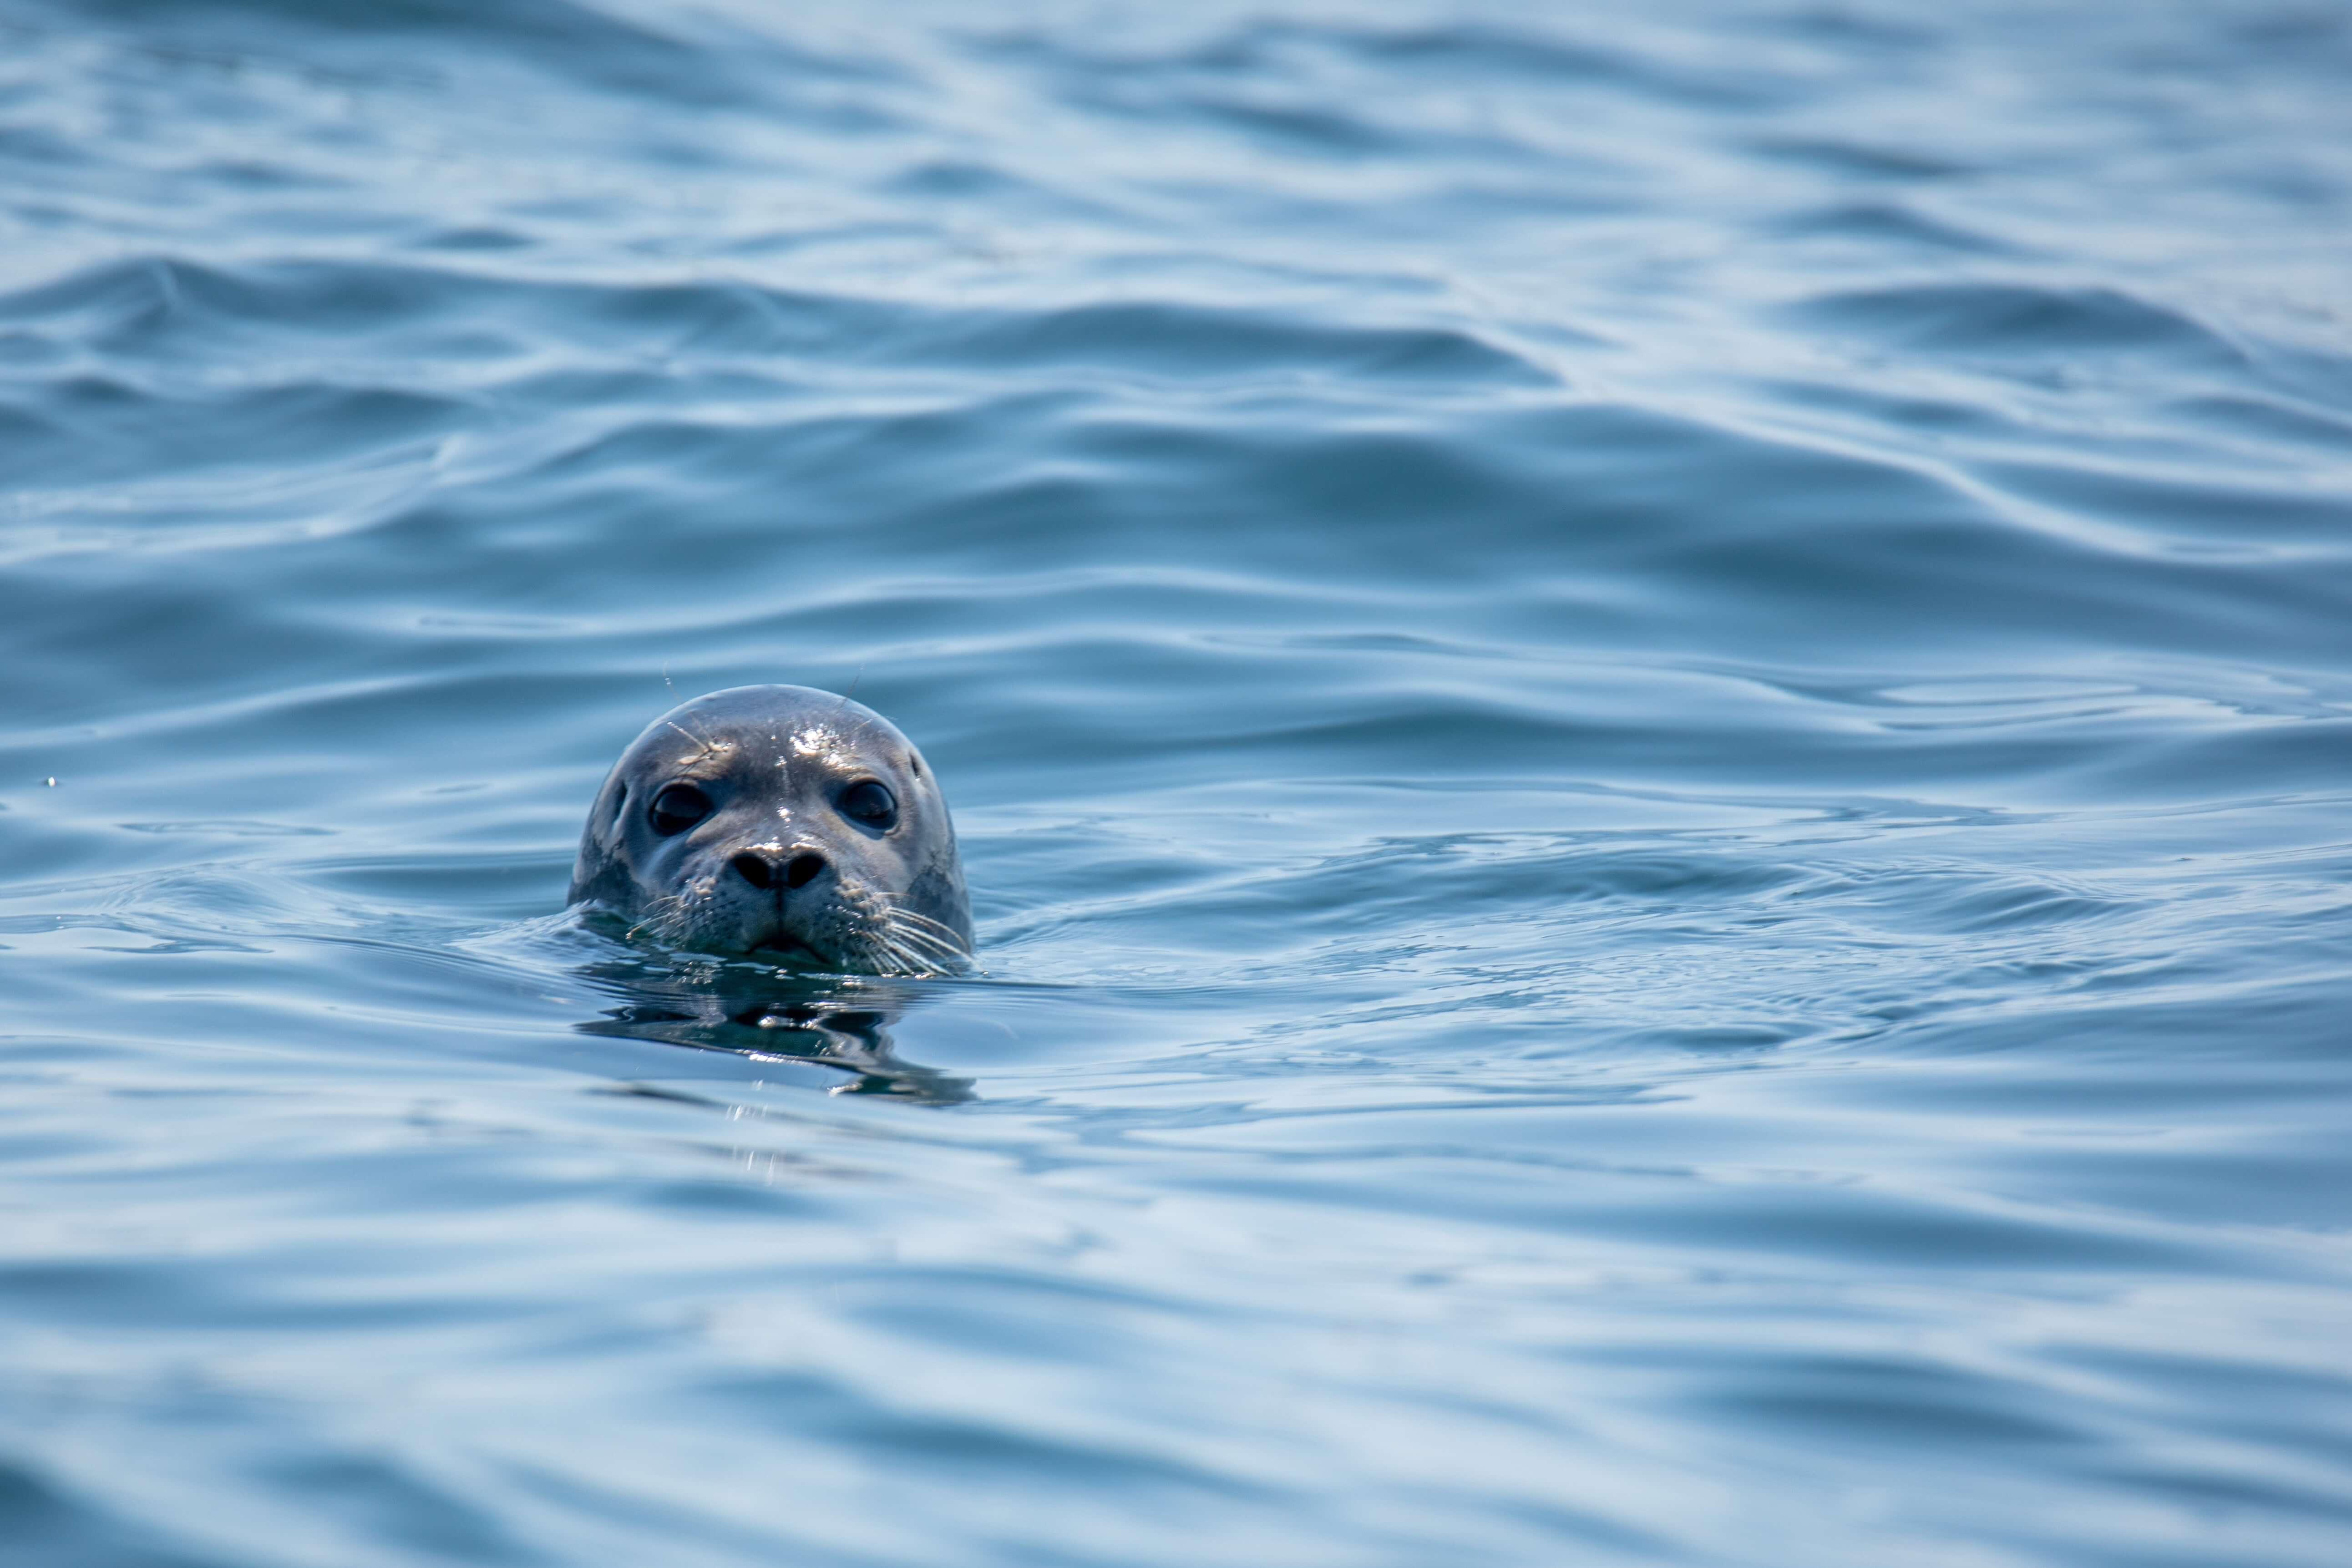 Charities We Love The Marine Mammal Center